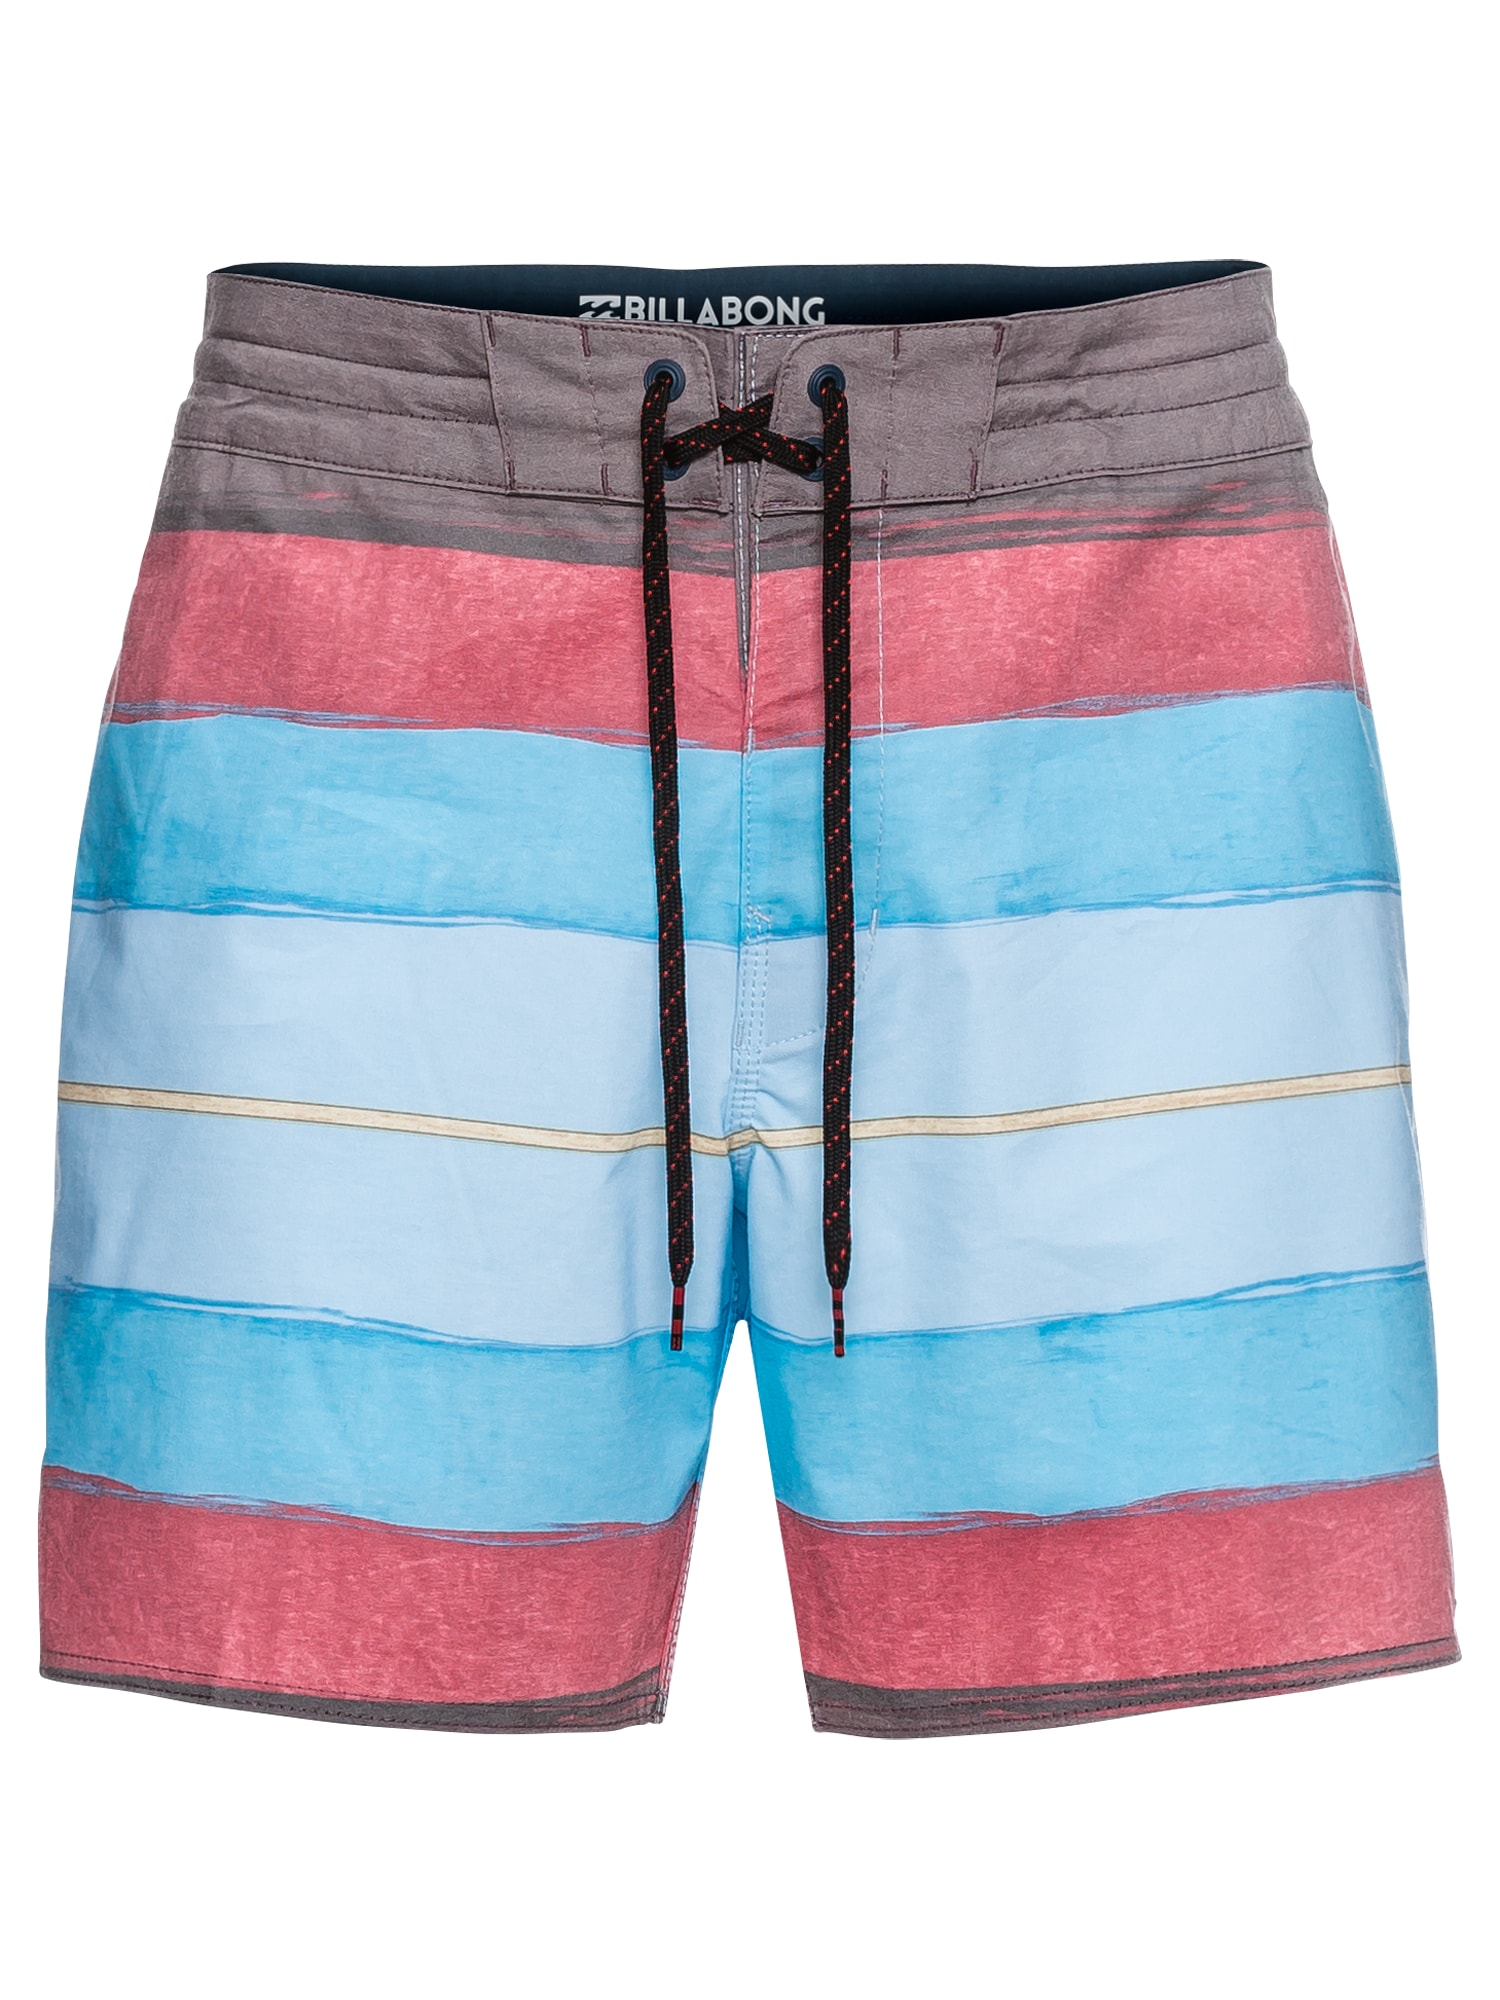 Sportovní kalhoty Stringer Resin LT 16 světlemodrá režná pitaya BILLABONG